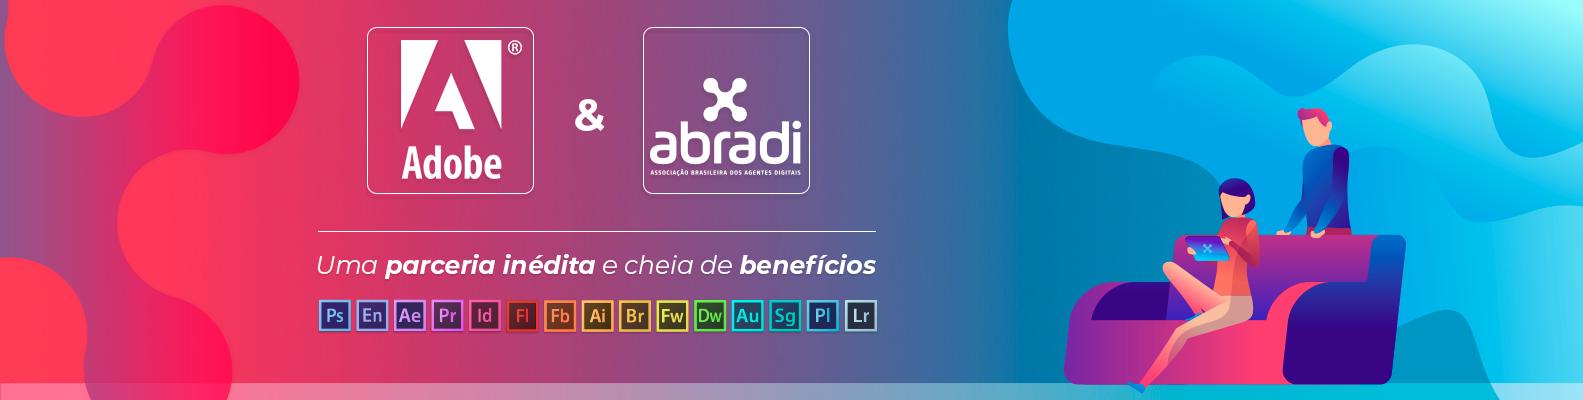 Banner_Adobe_Abradi